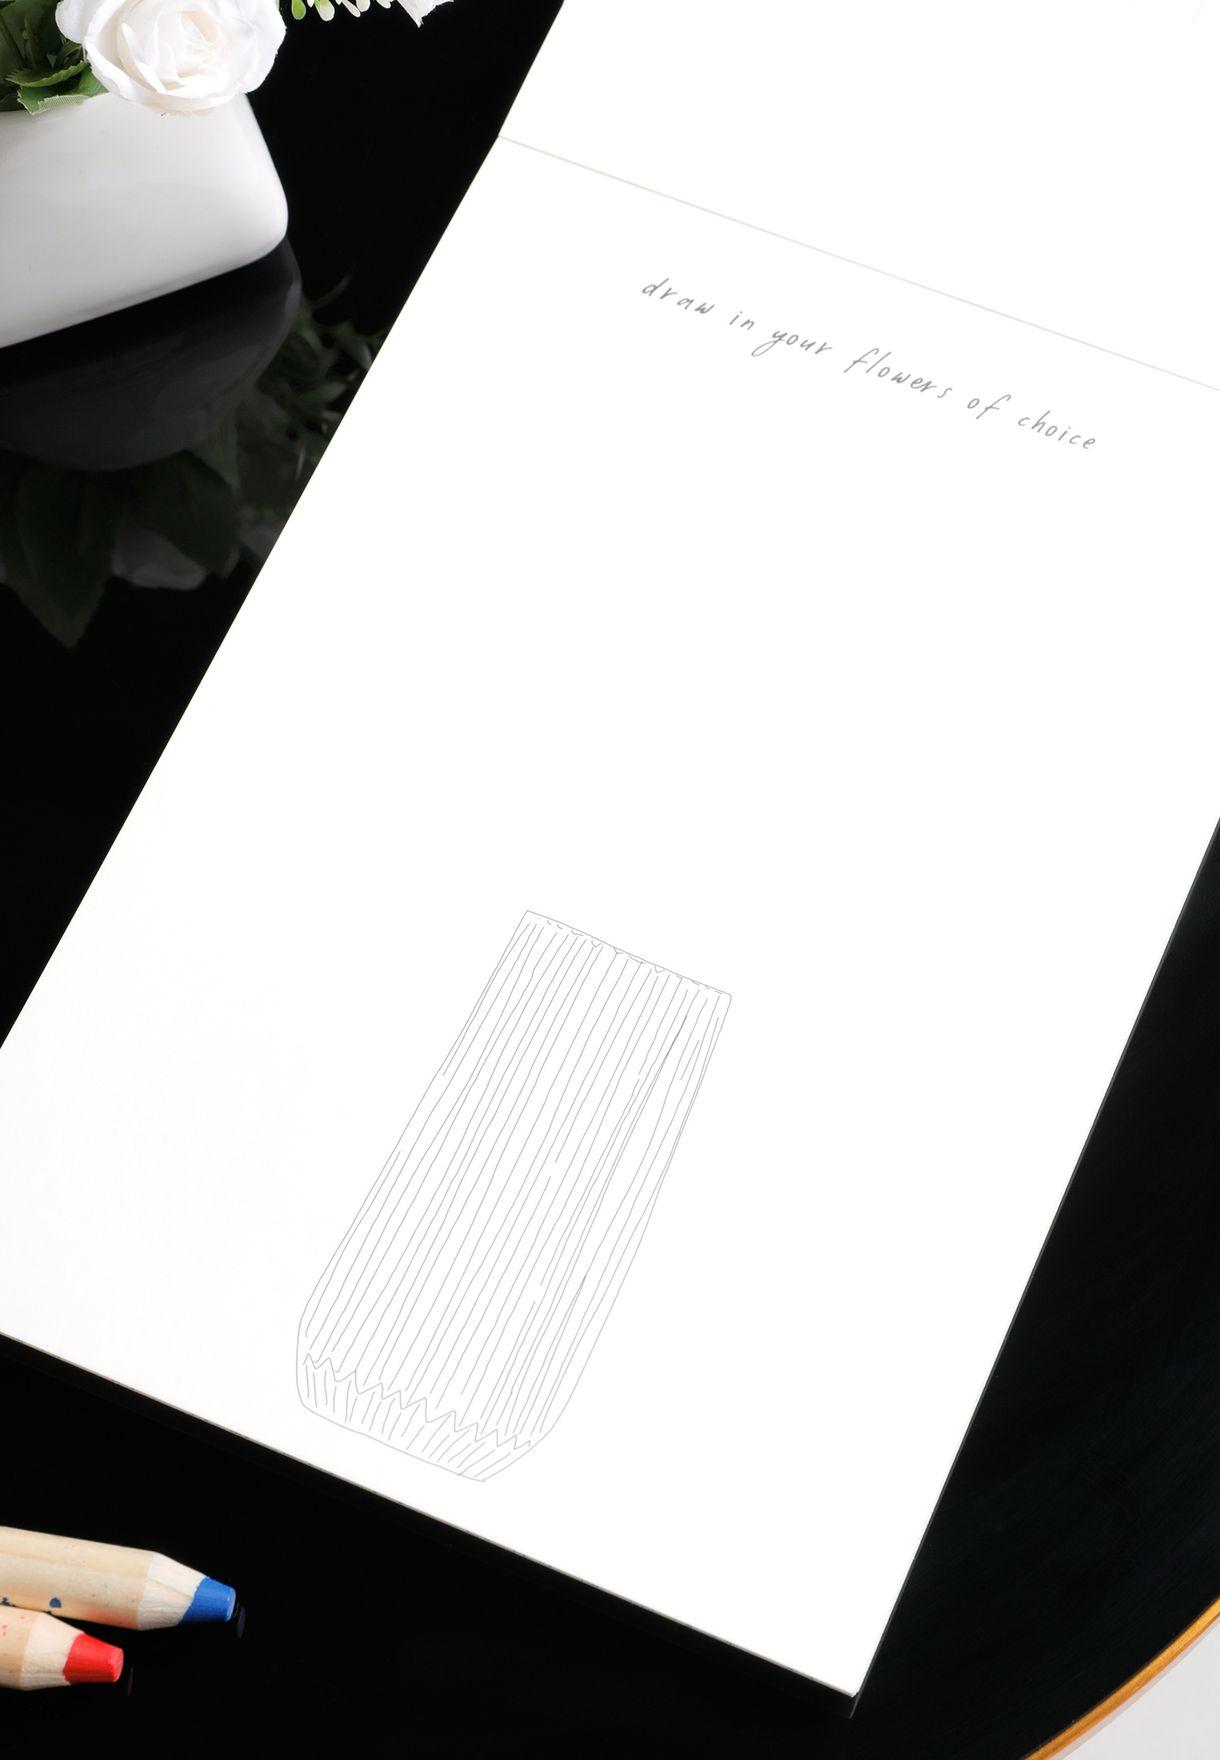 كتاب تلوين ذا فلاور لوفرز كلوب